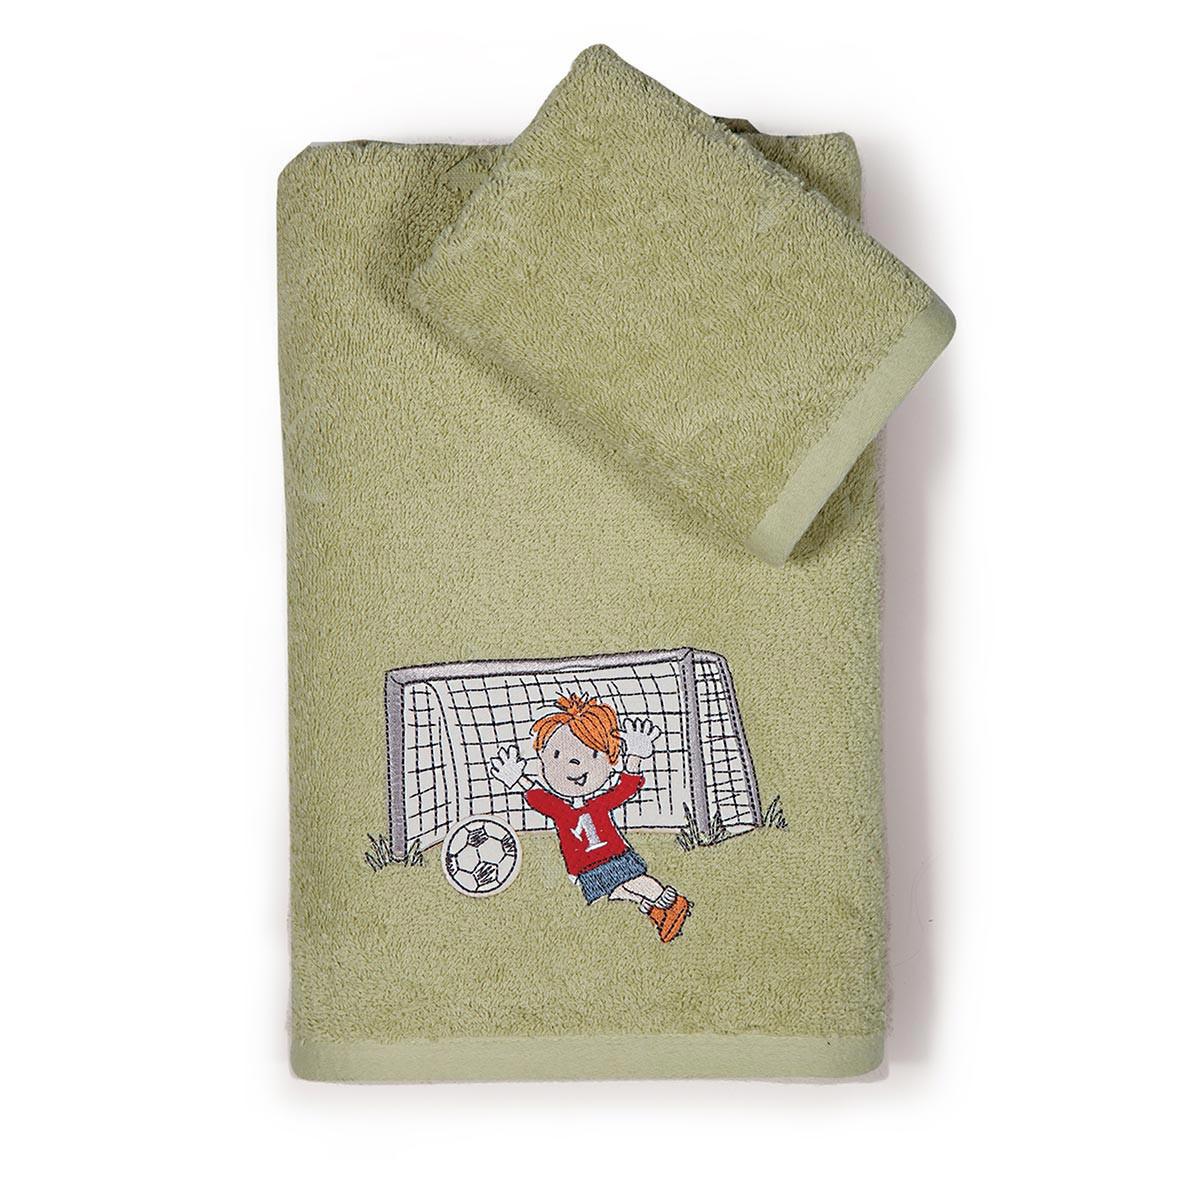 Παιδικές Πετσέτες (Σετ 2τμχ) Nef-Nef FootBall Game